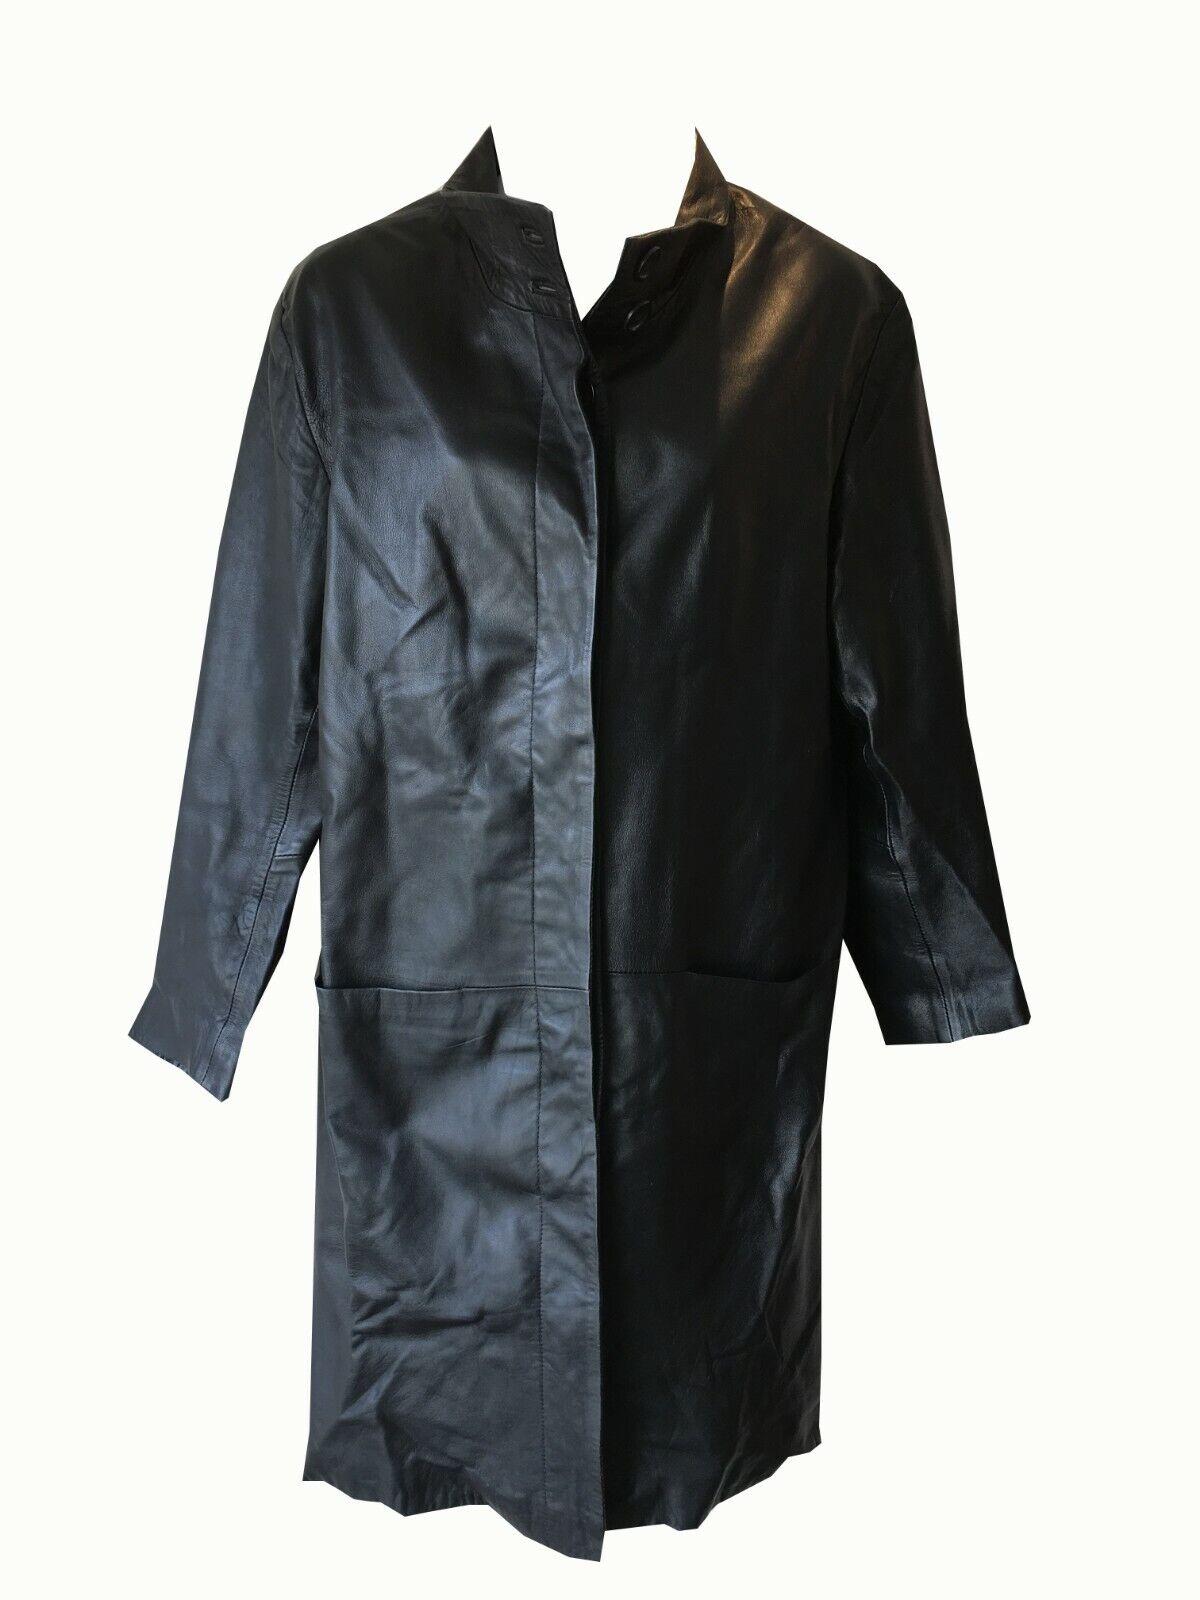 Bosques Genuino Mujer señoras de largo Chaqueta De Cuero  14 Negro  los nuevos estilos calientes